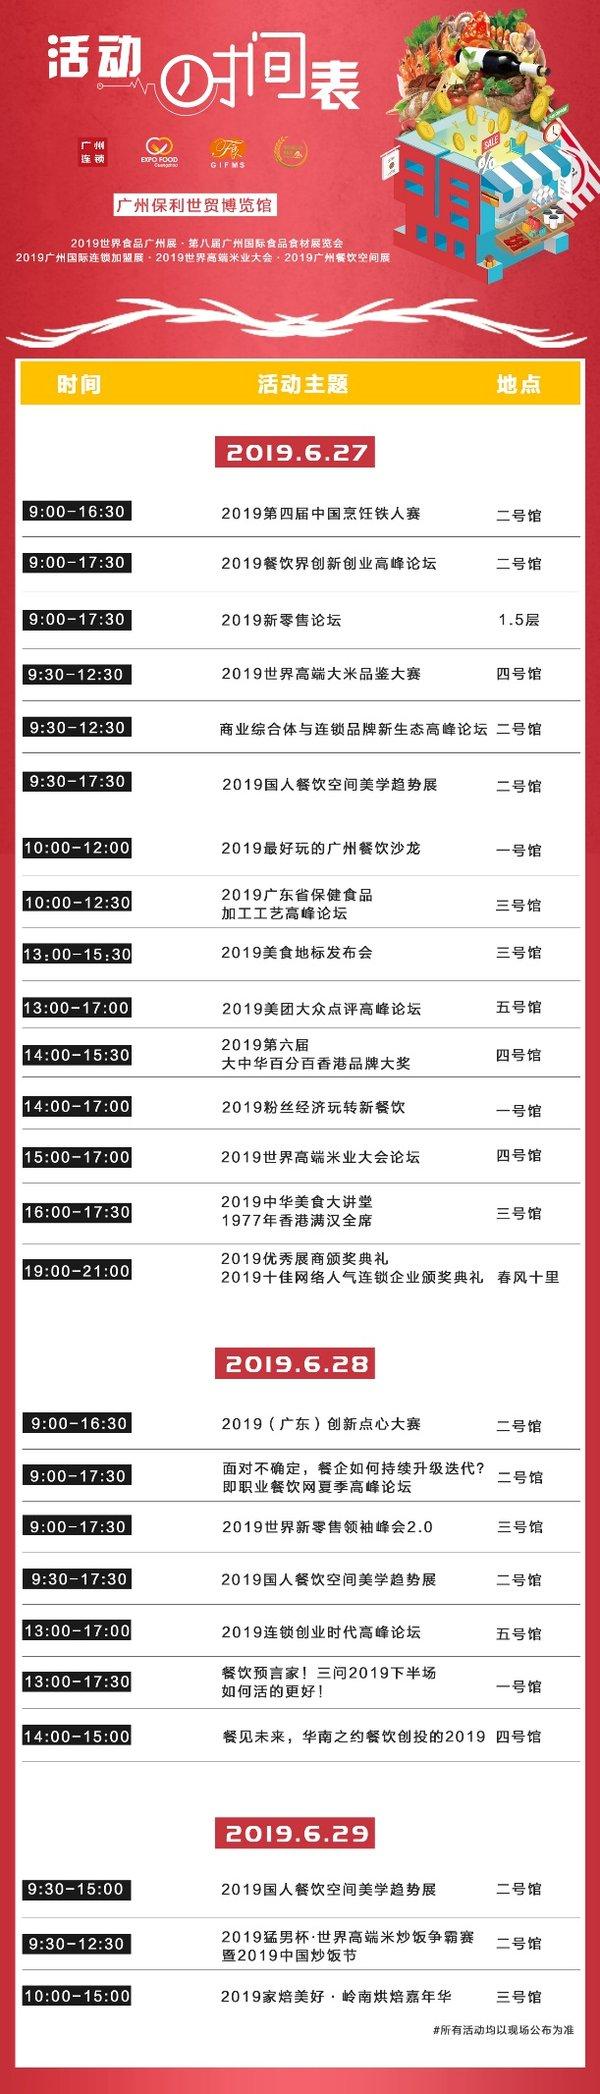 2019广州国际连锁加盟展、2019世界食品广州展、第八届广州国际食品食材展览会、2019世界高端米业大会展会活动时间表